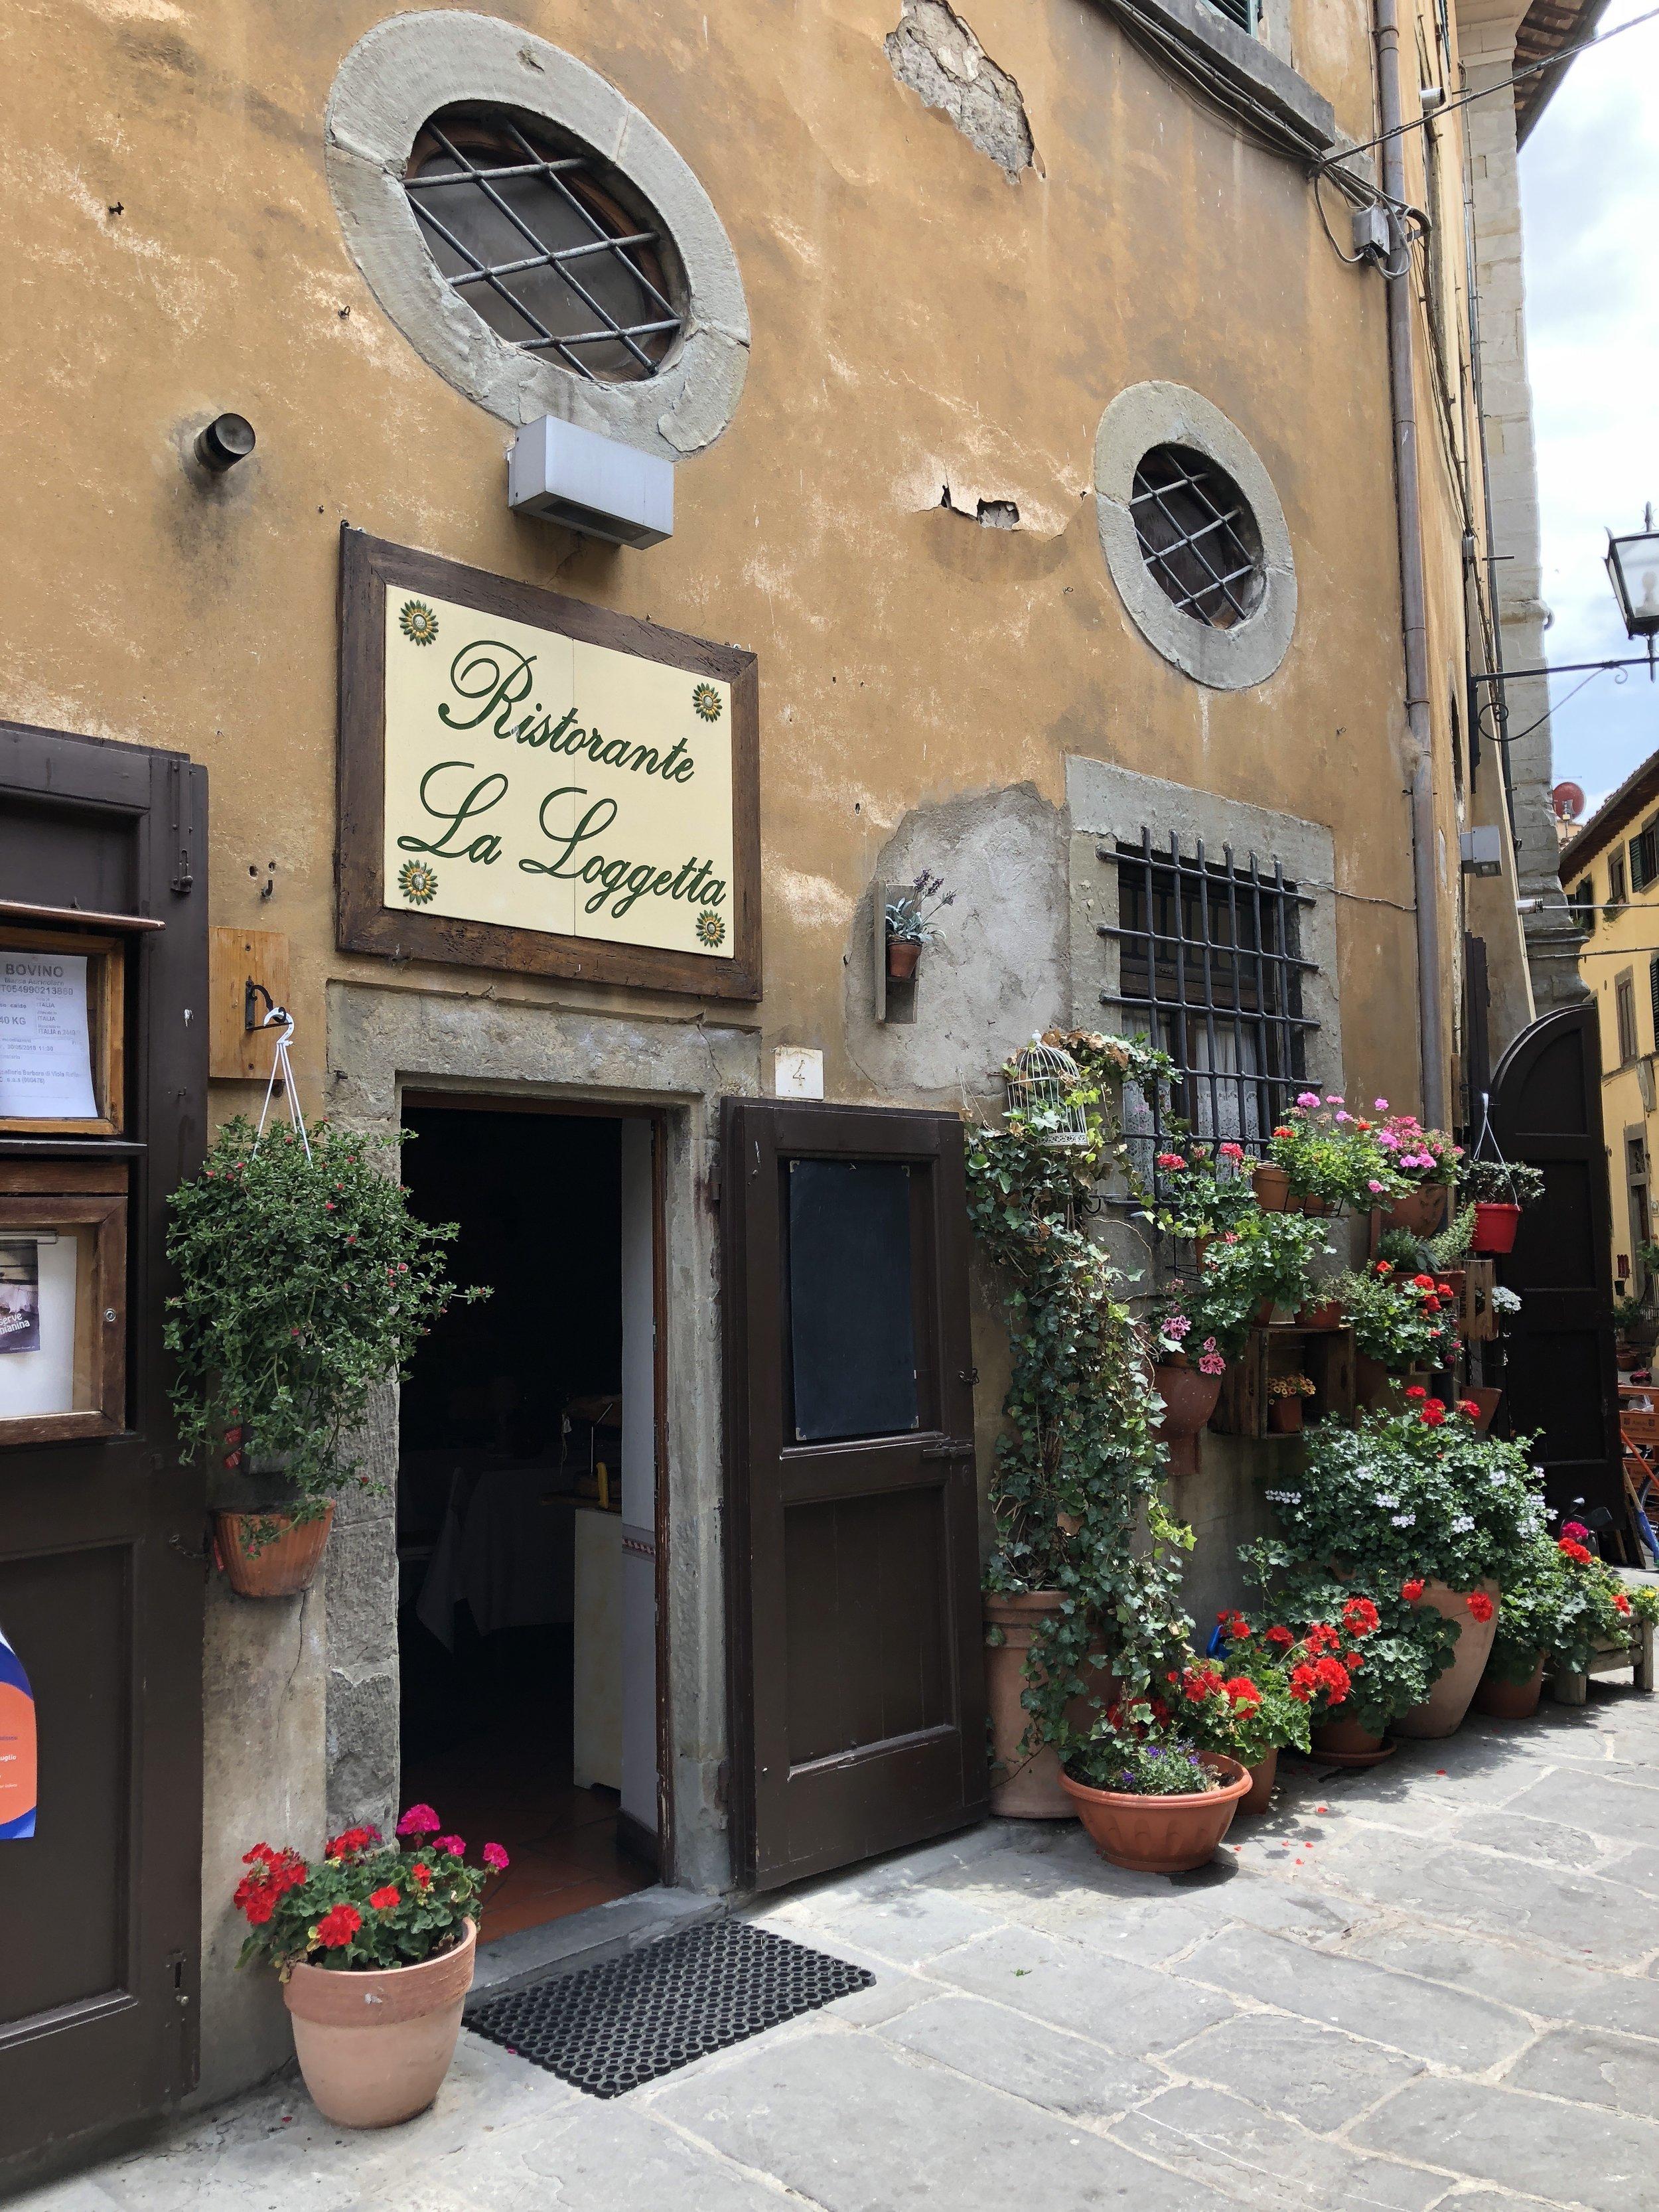 Glimsen-Cortona-restaurant.jpg